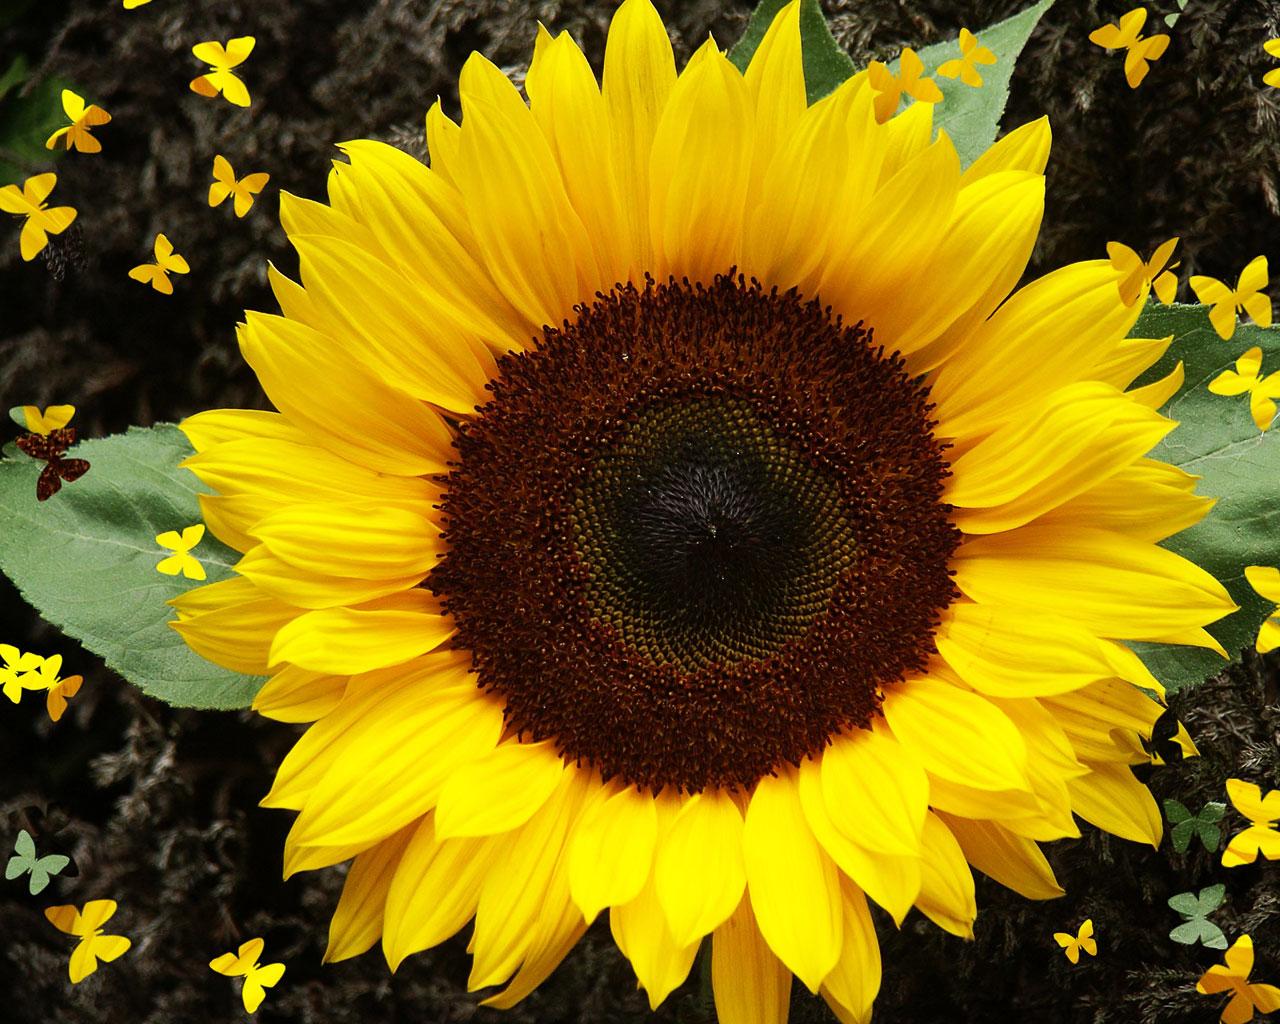 Flowerstory: Sunflower